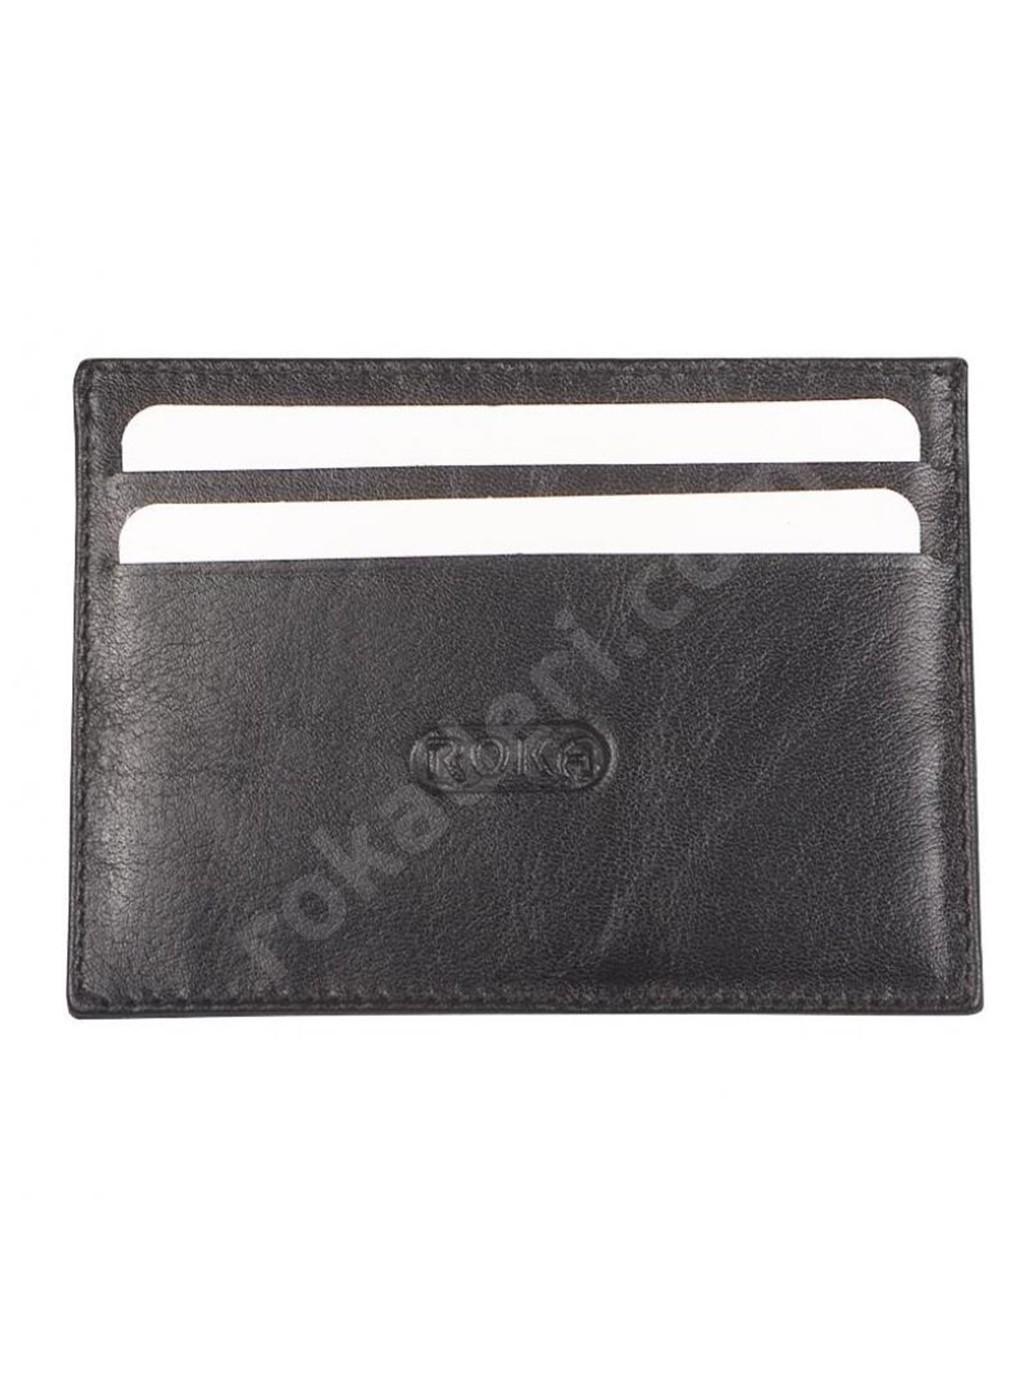 kartlik 4006 siyah